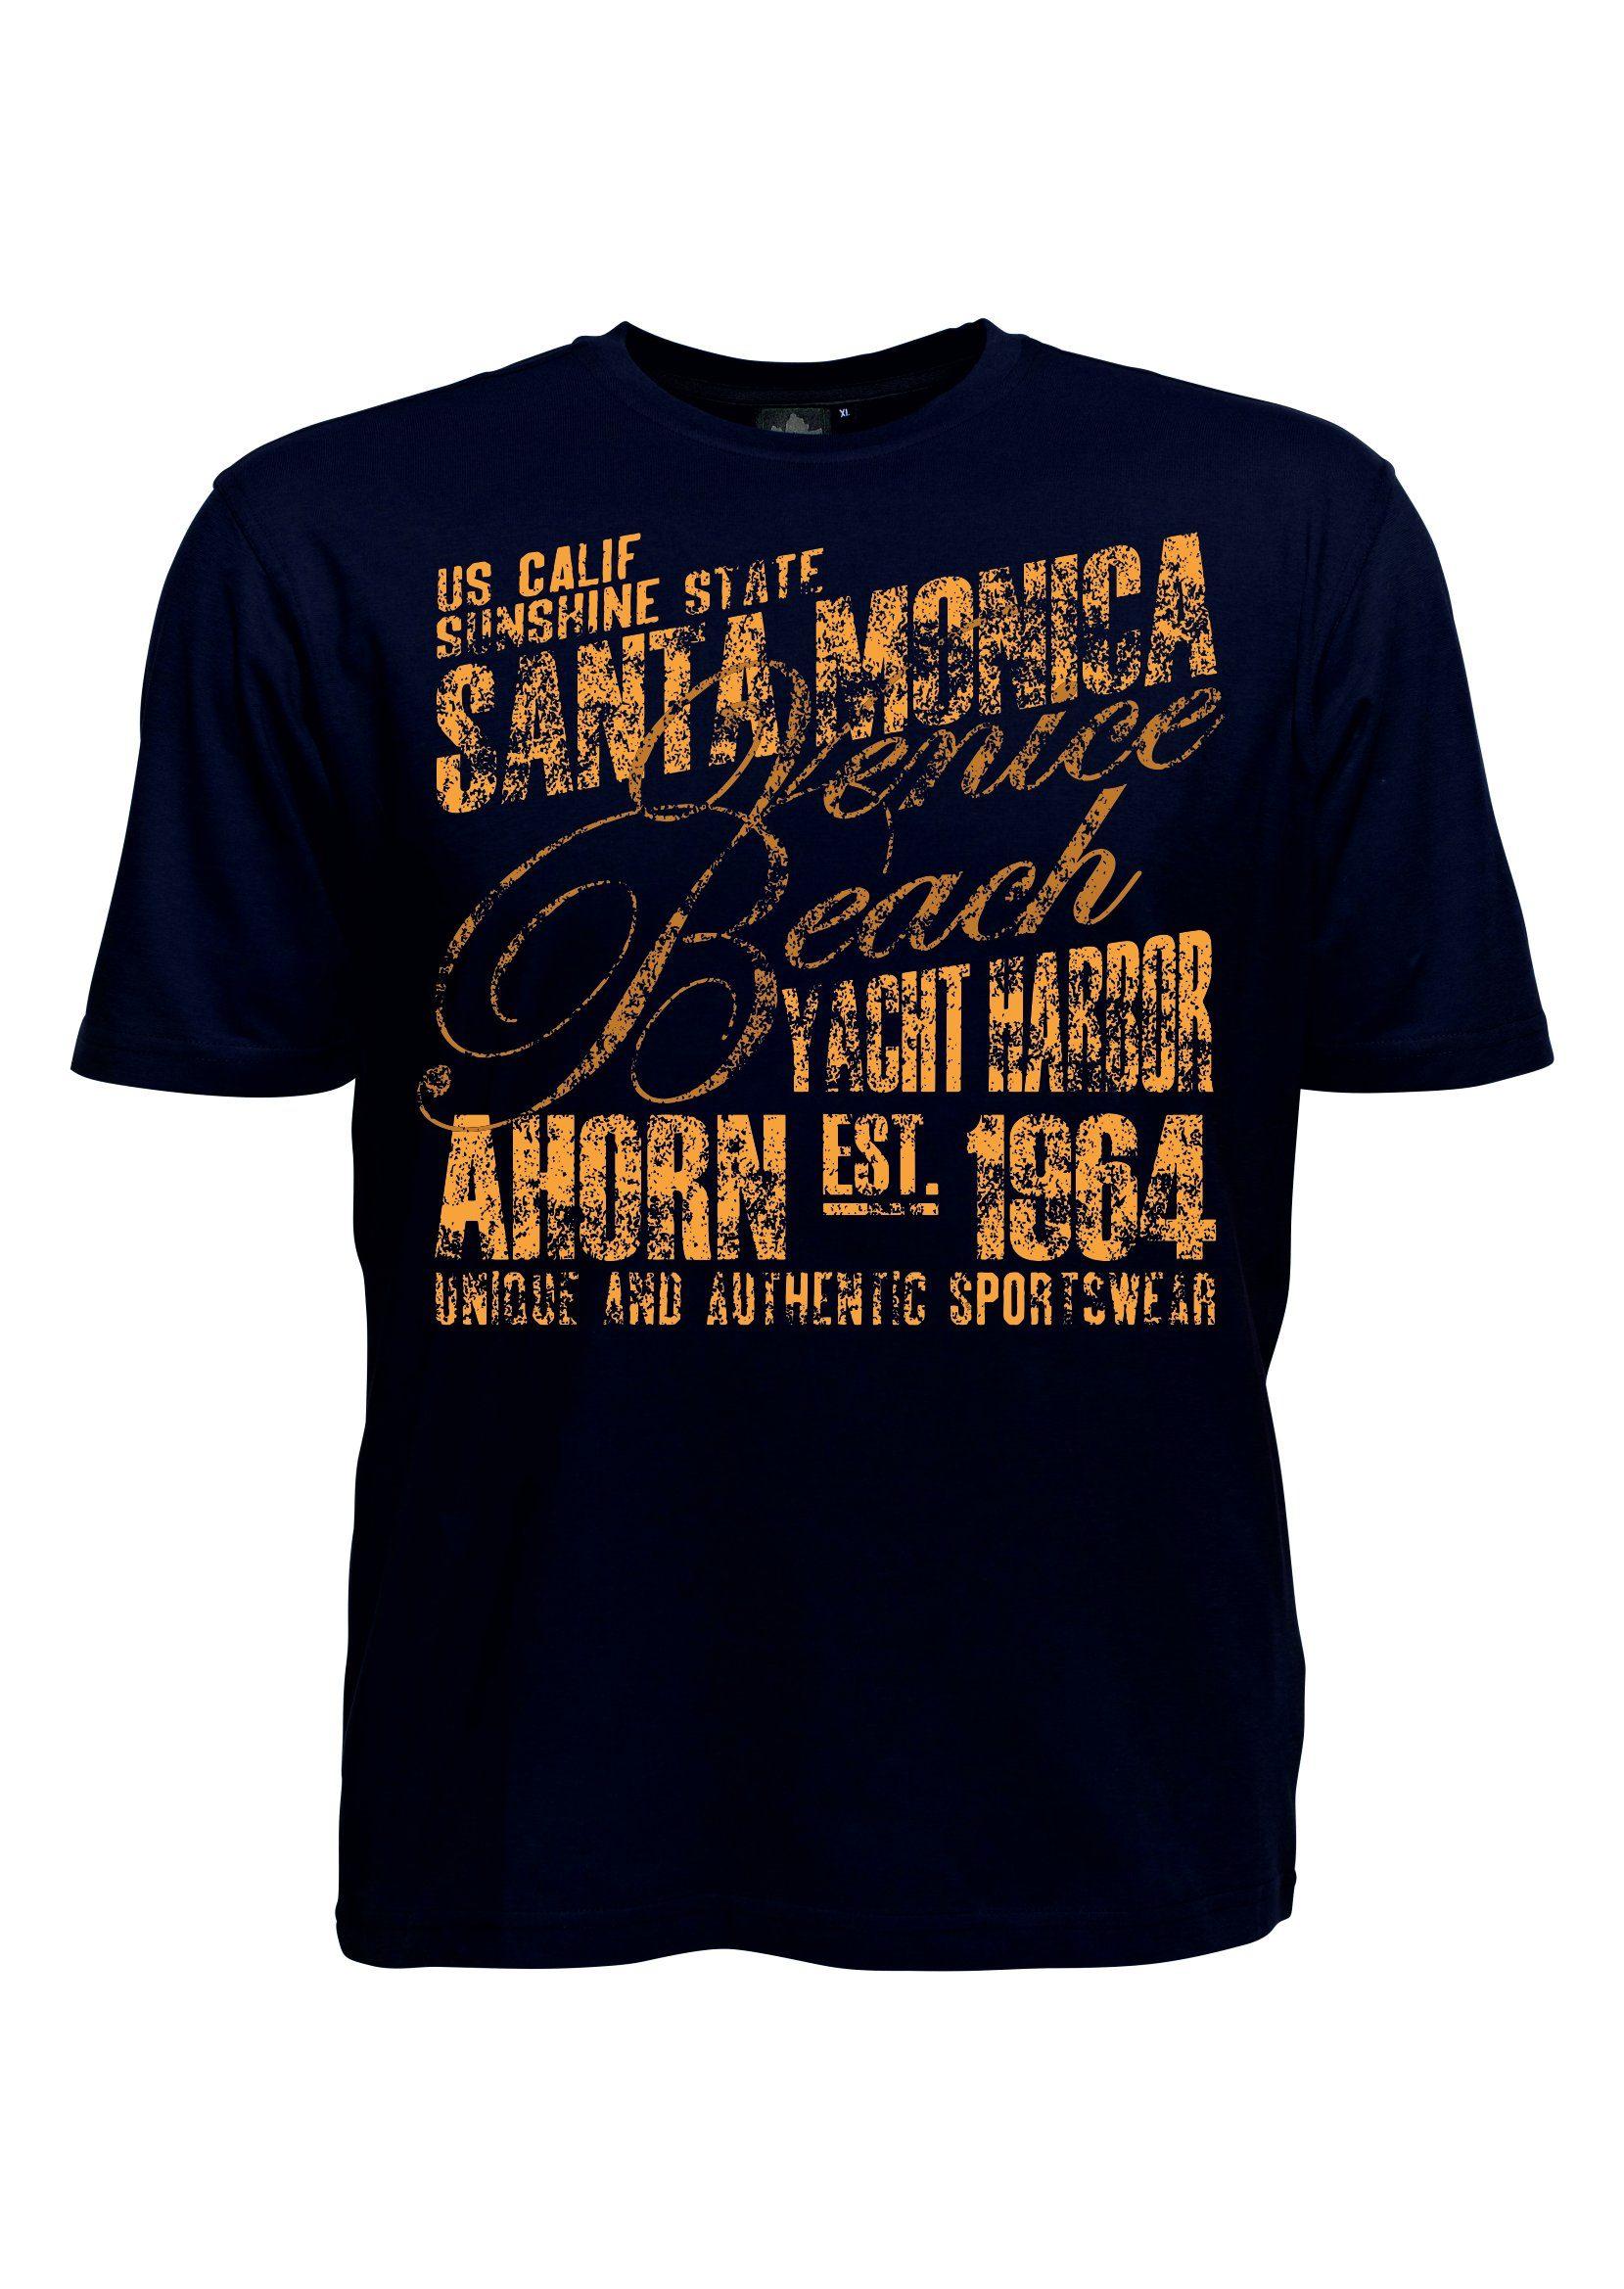 AHORN SPORTSWEAR T-Shirt mit sportlichem Frontdruck | Sportbekleidung > Sportshirts > T-Shirts | Schwarz | Baumwolle